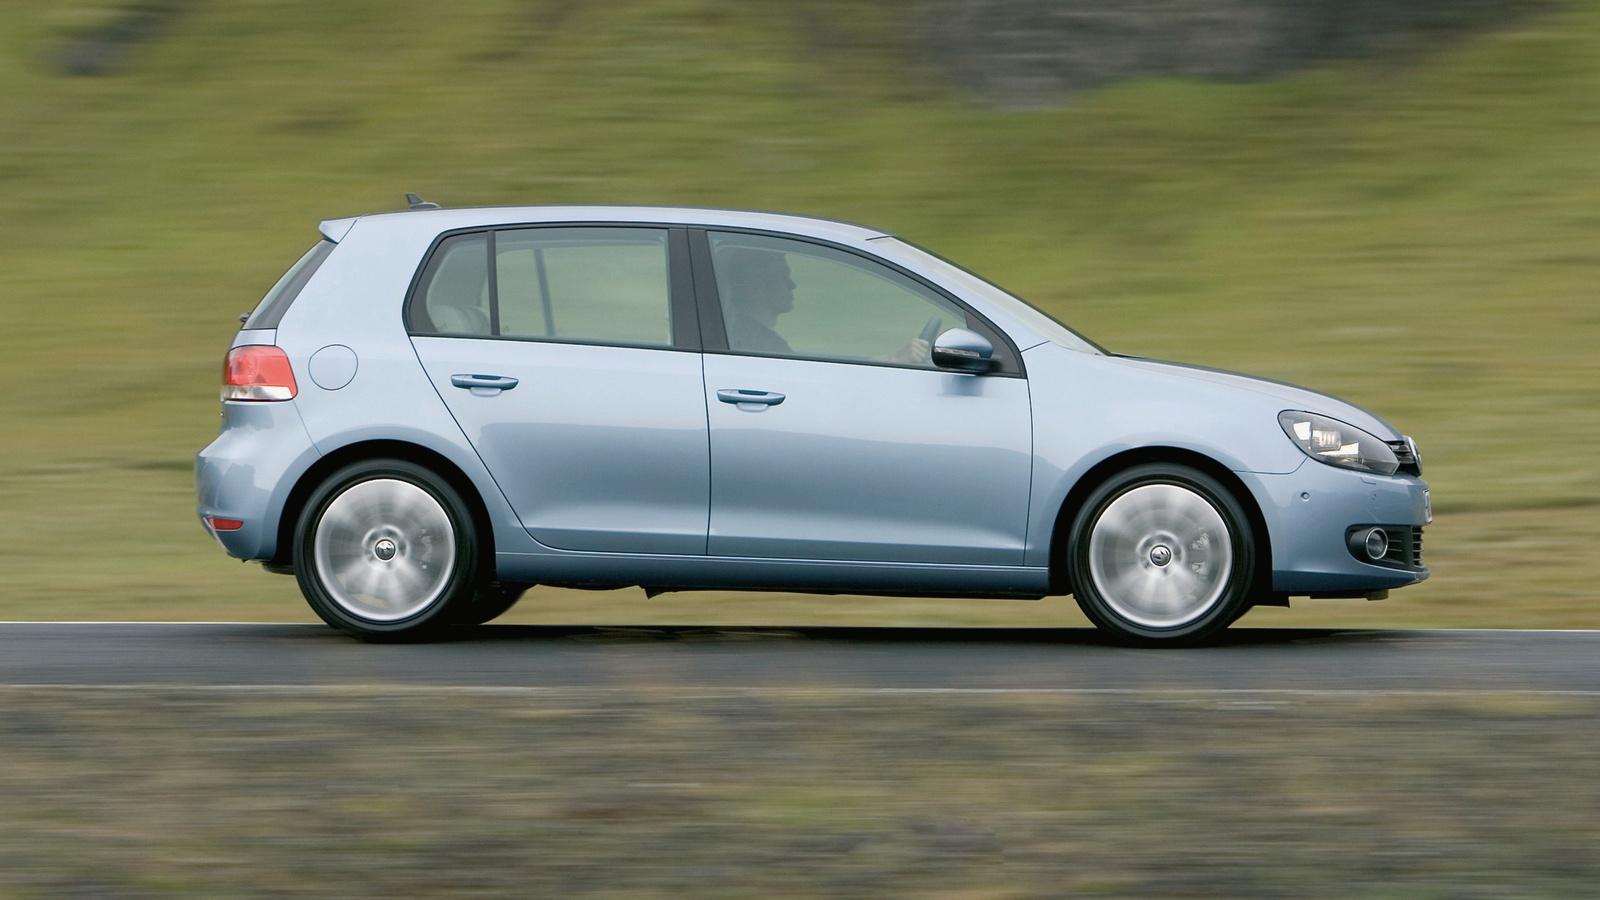 Горячий хетчбэк от VW: комфорт с ветерком